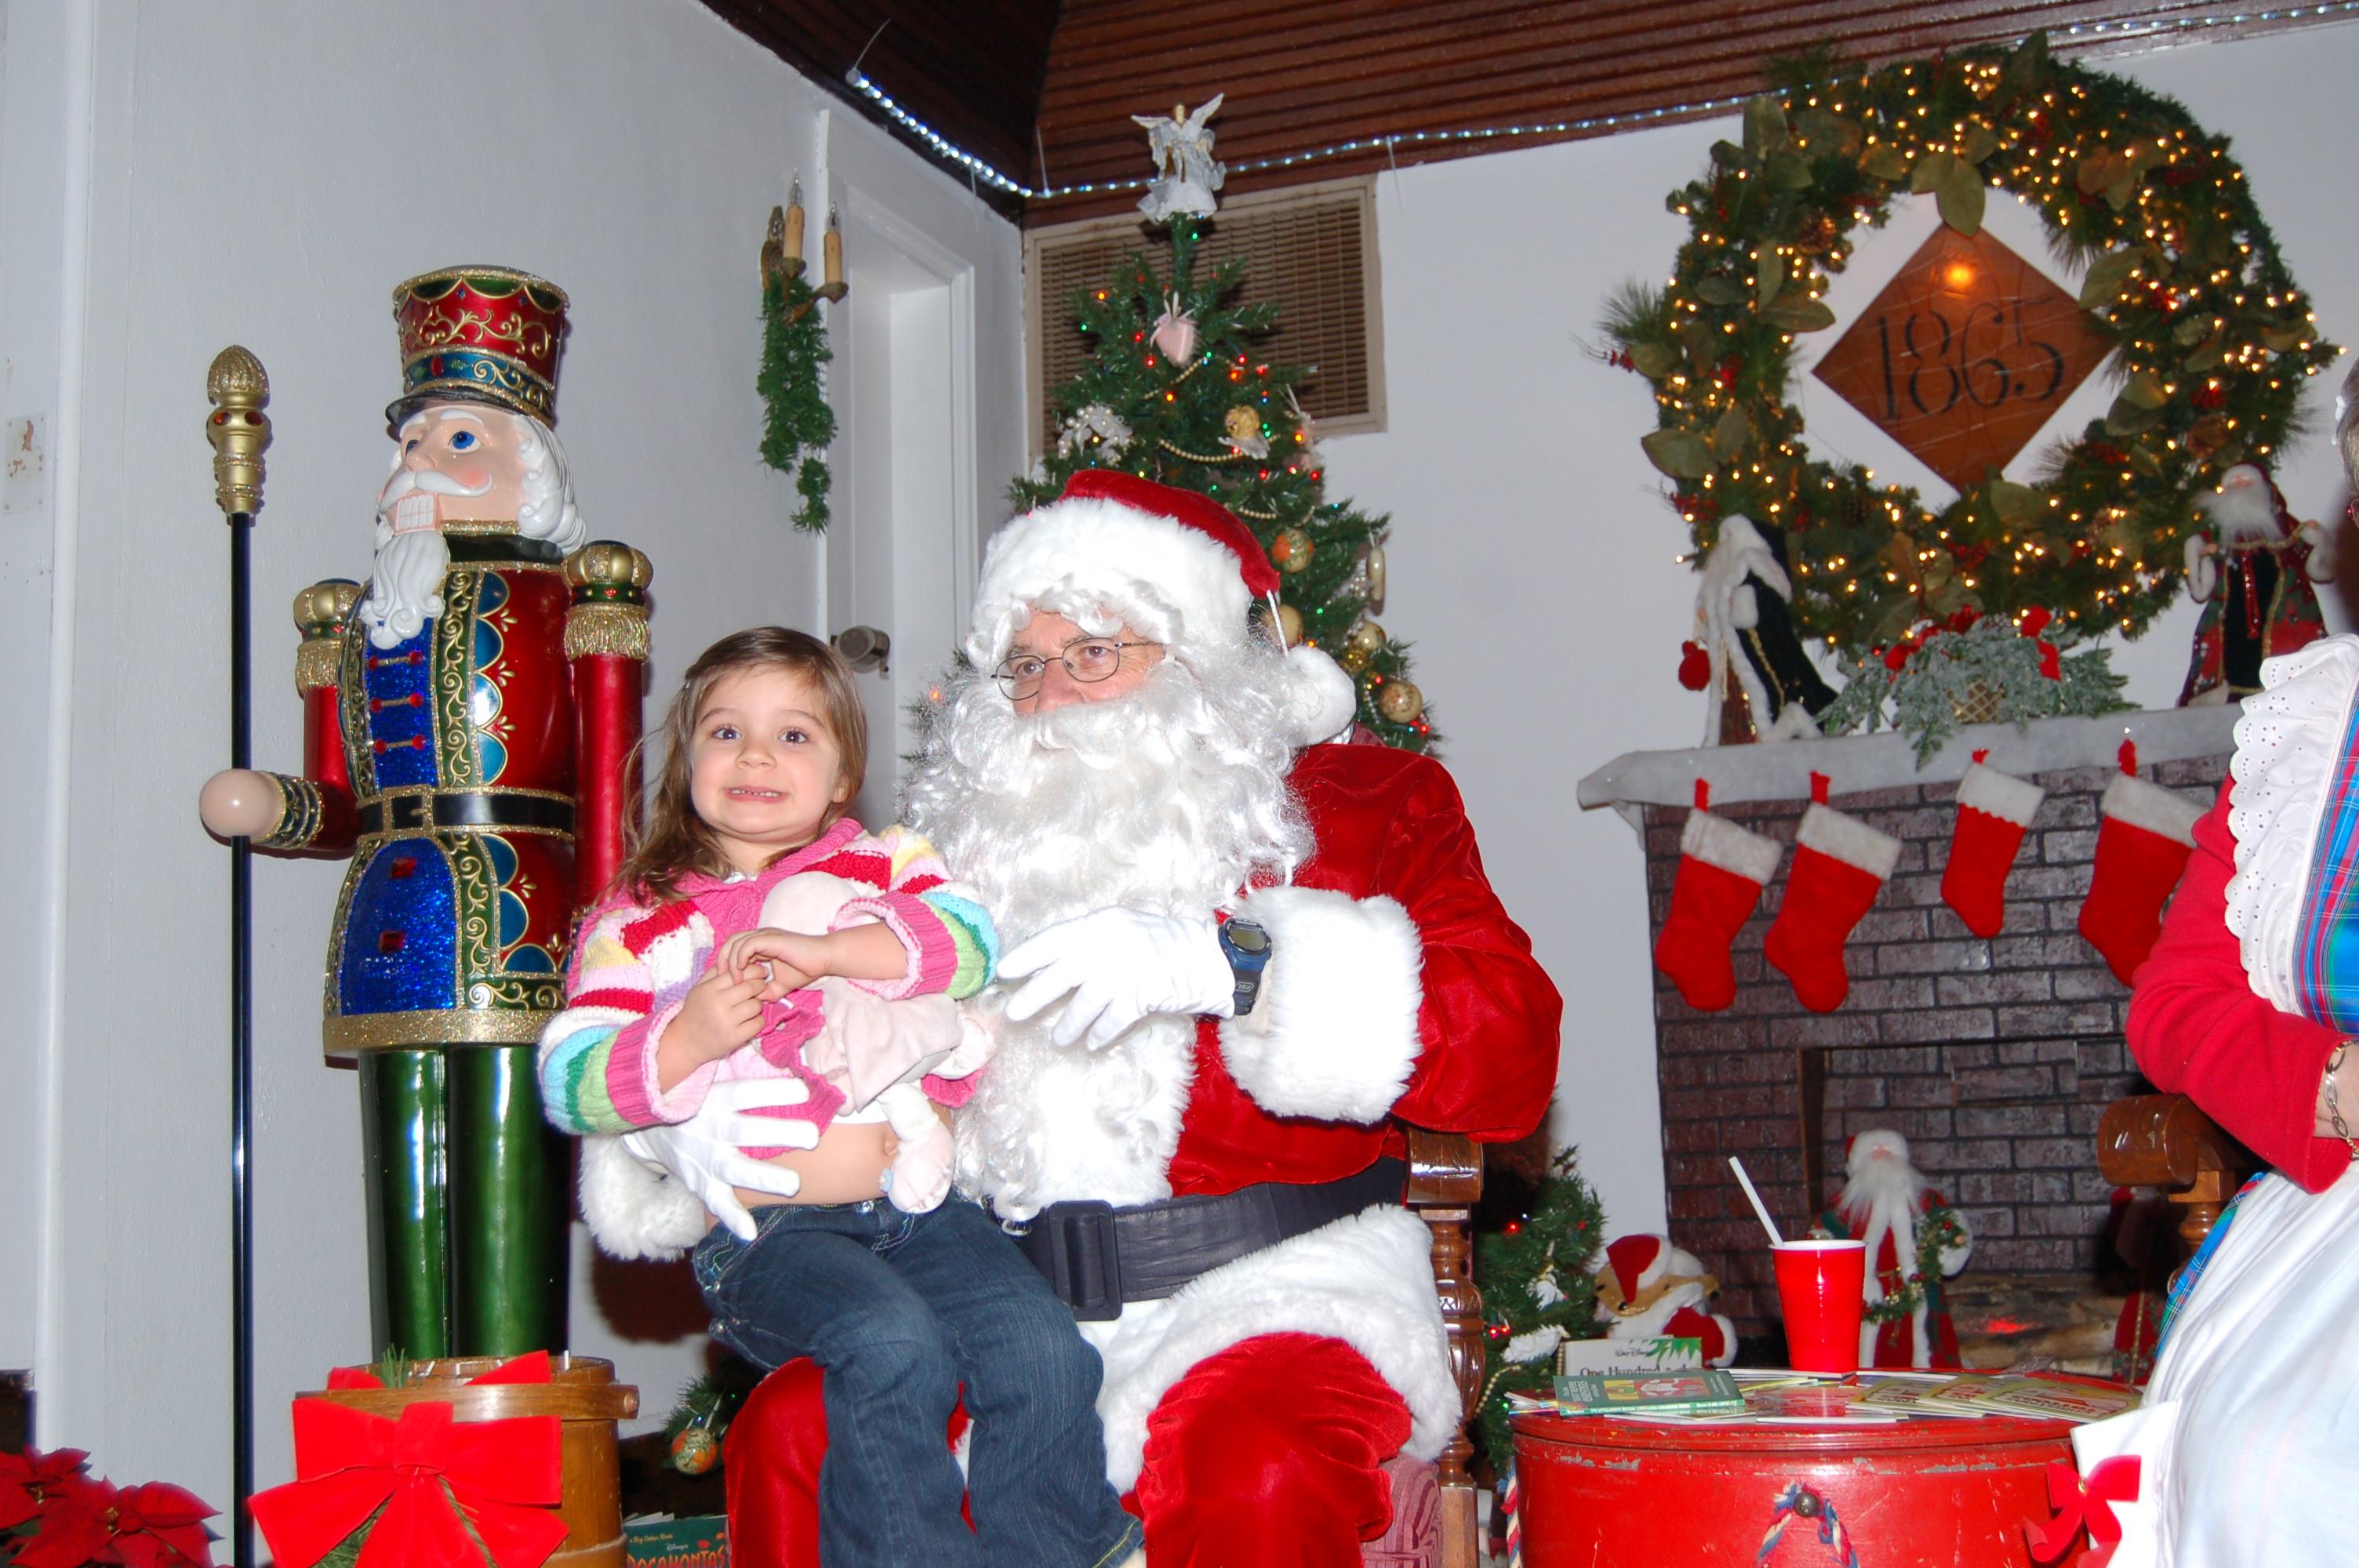 LolliPop+Lane+12-12-2008+Picture+027.jpg